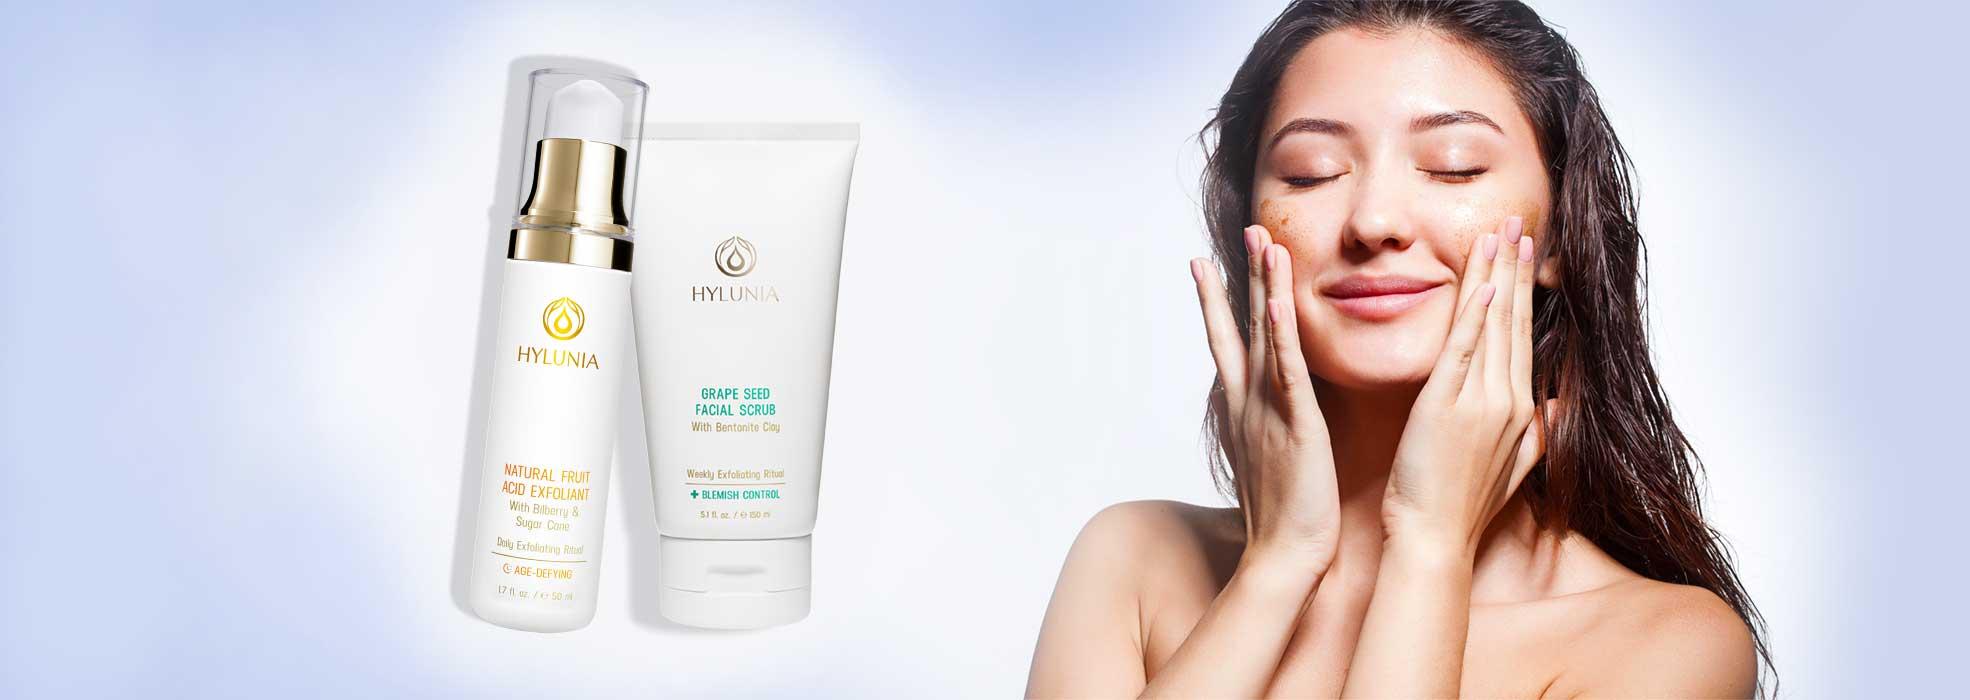 Exfoliators & Facial Scrubs